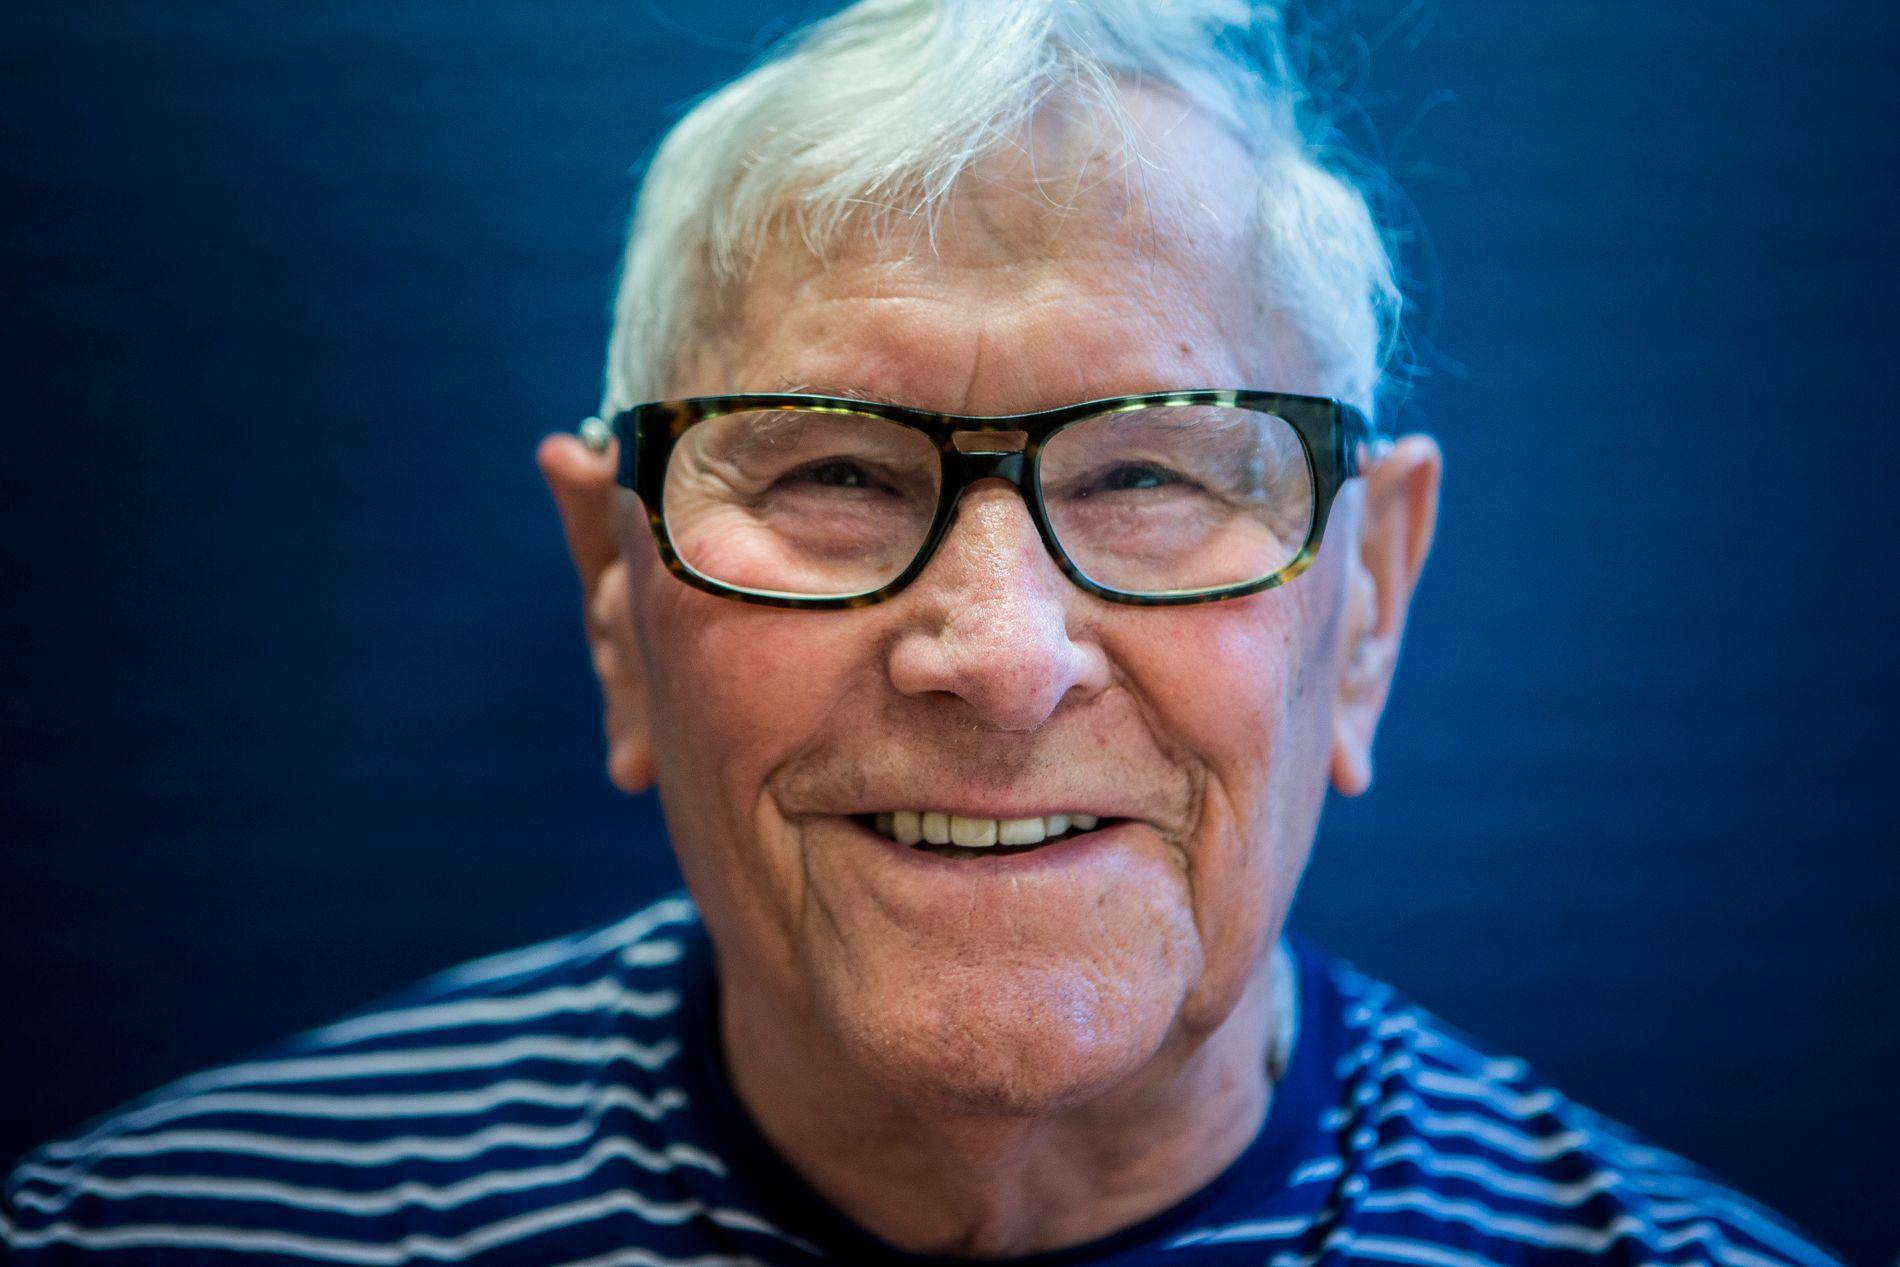 – DET KOSTER Å VÆRE LYKKELIG: 83 år gamle Helge Svedal er, etter 20 år med ulike operasjoner og sykdommer, innstilt på å være like blid.